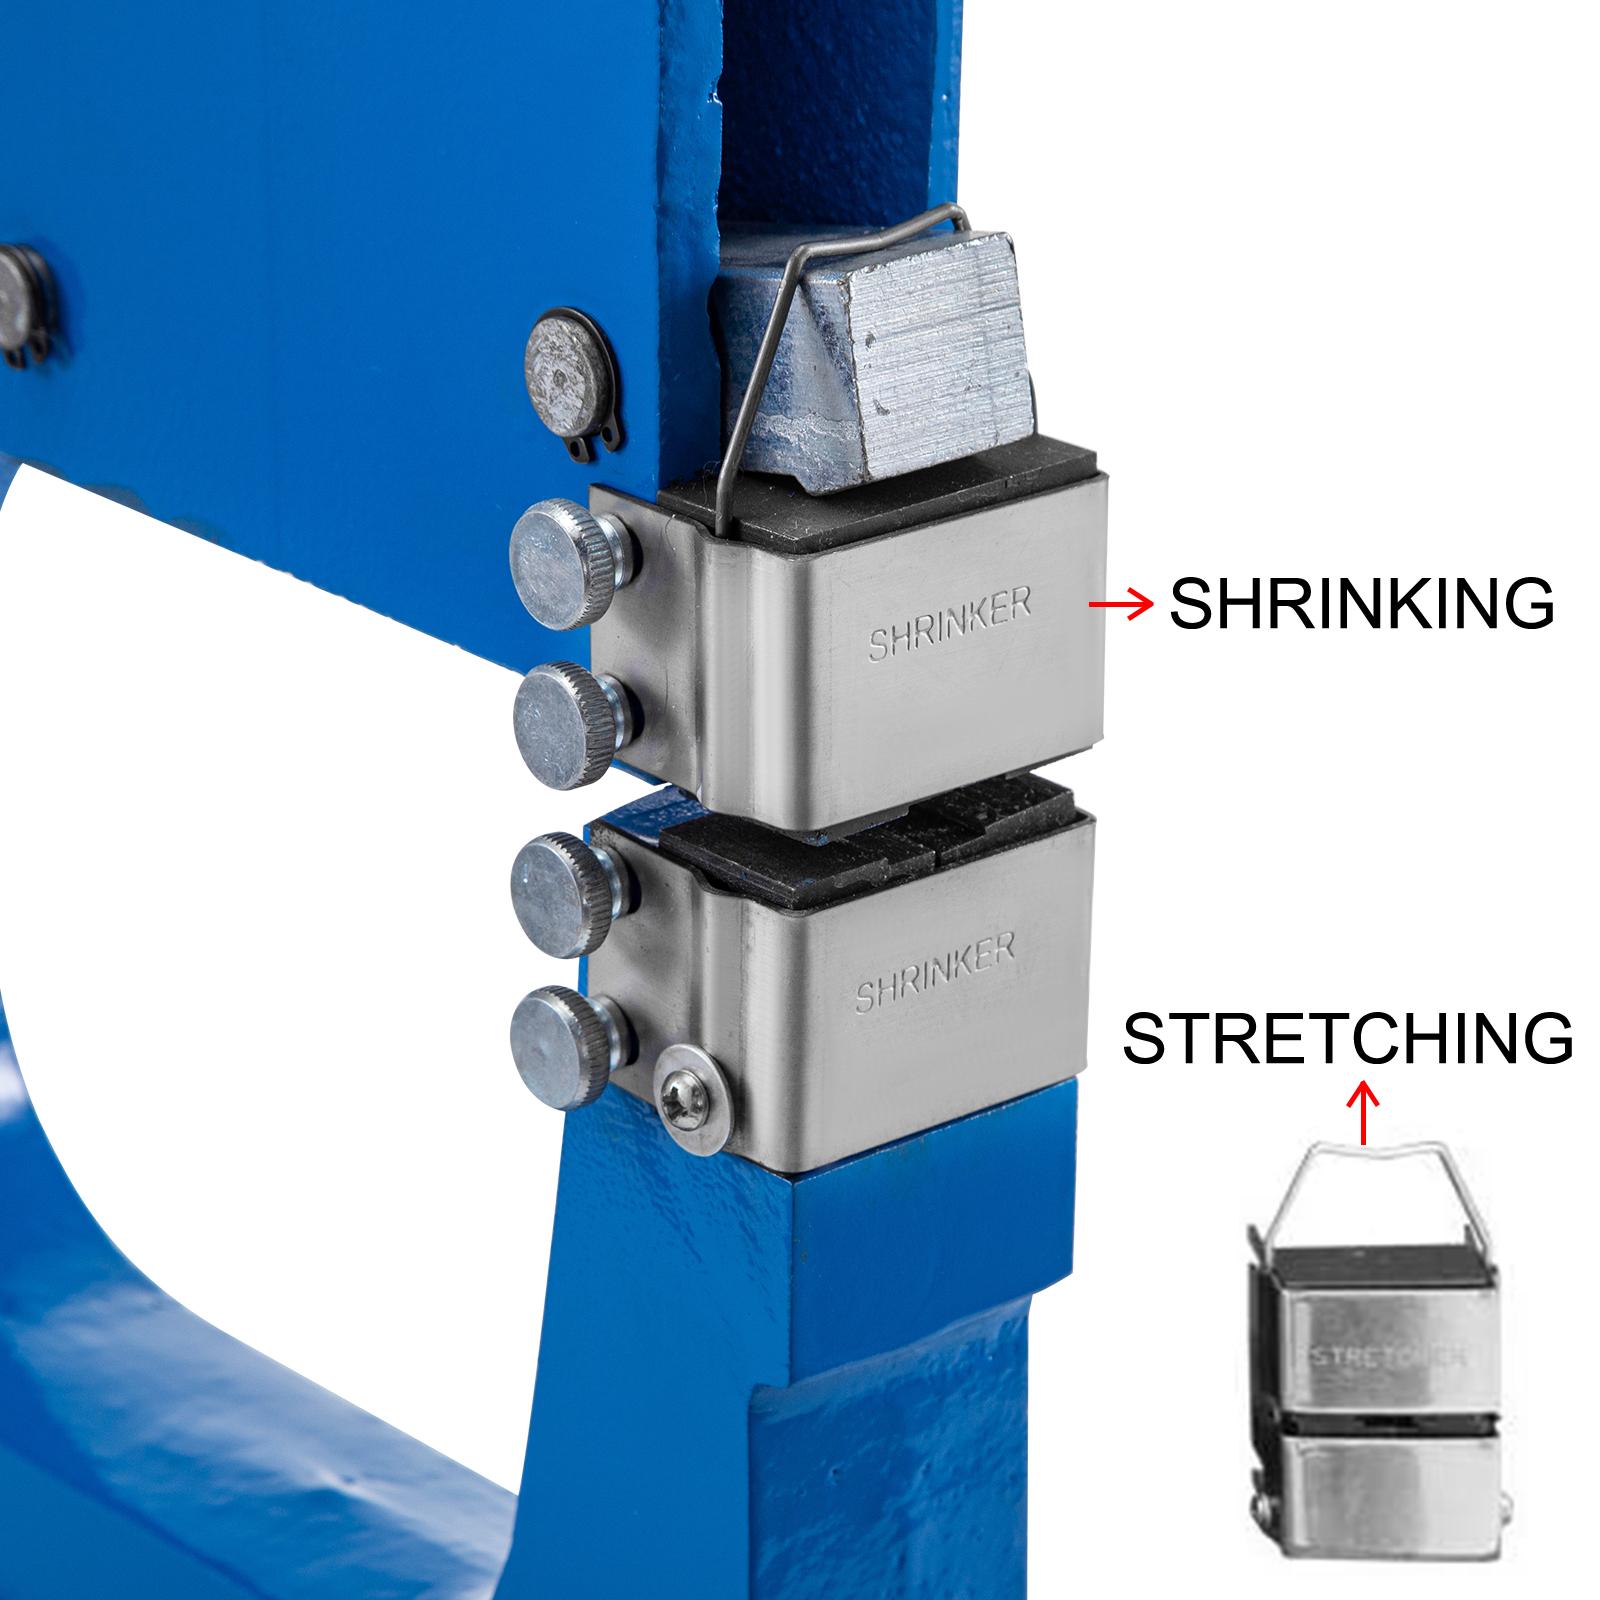 """VEVOR Stretcher Shrinker 16 Gauge 8.5/"""" Throat Depth Sheet Metal Forming SS-16"""